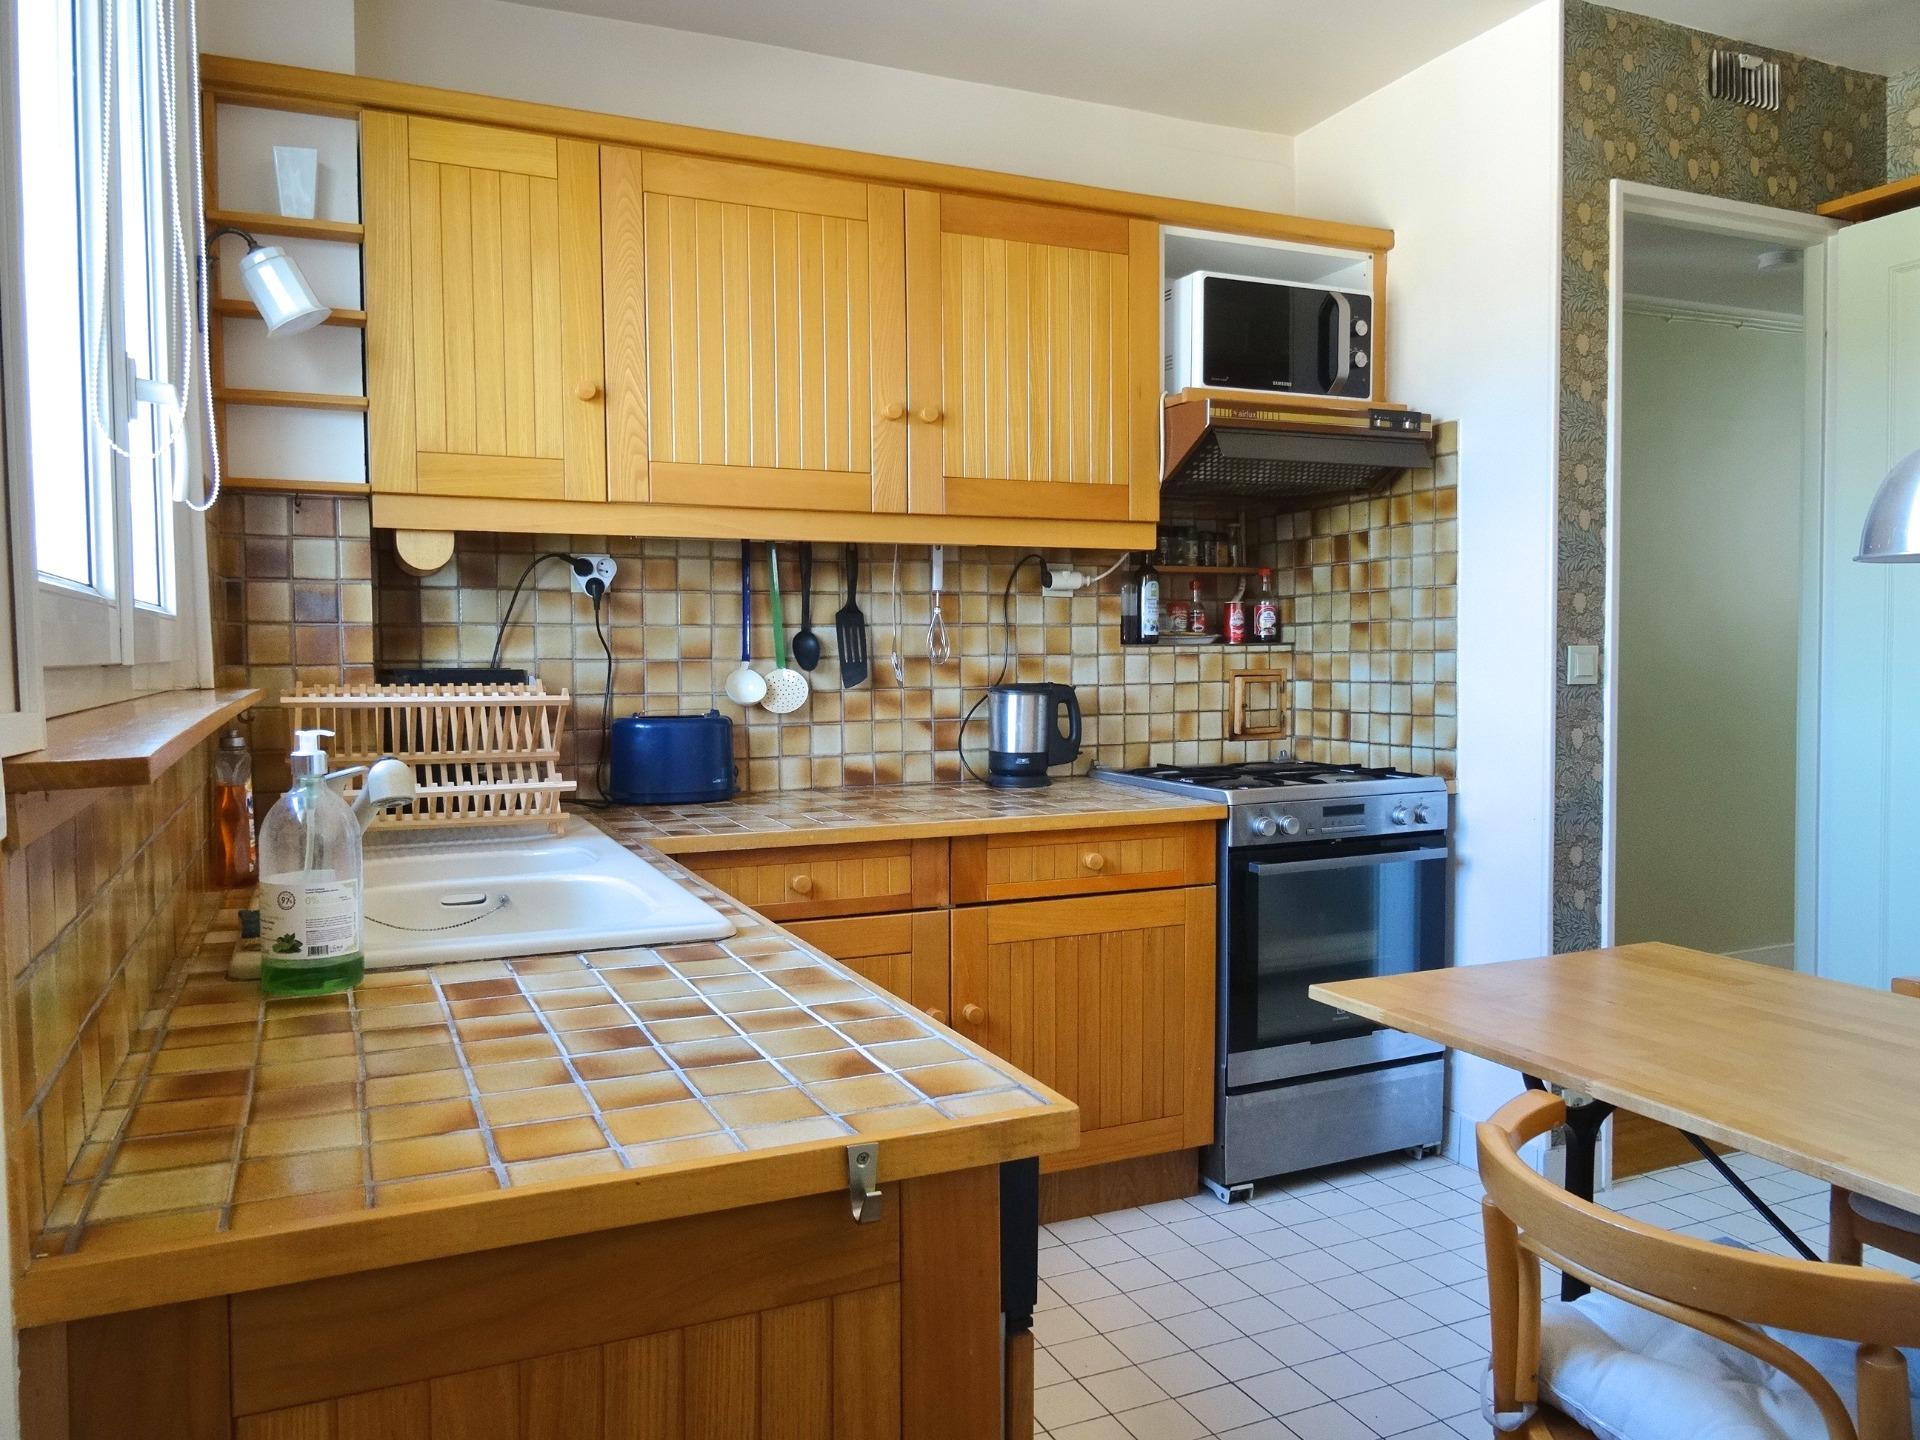 cuisine-location-meublee-boulogne- la-clef-des-villes-agence-immobiliere-boulogne